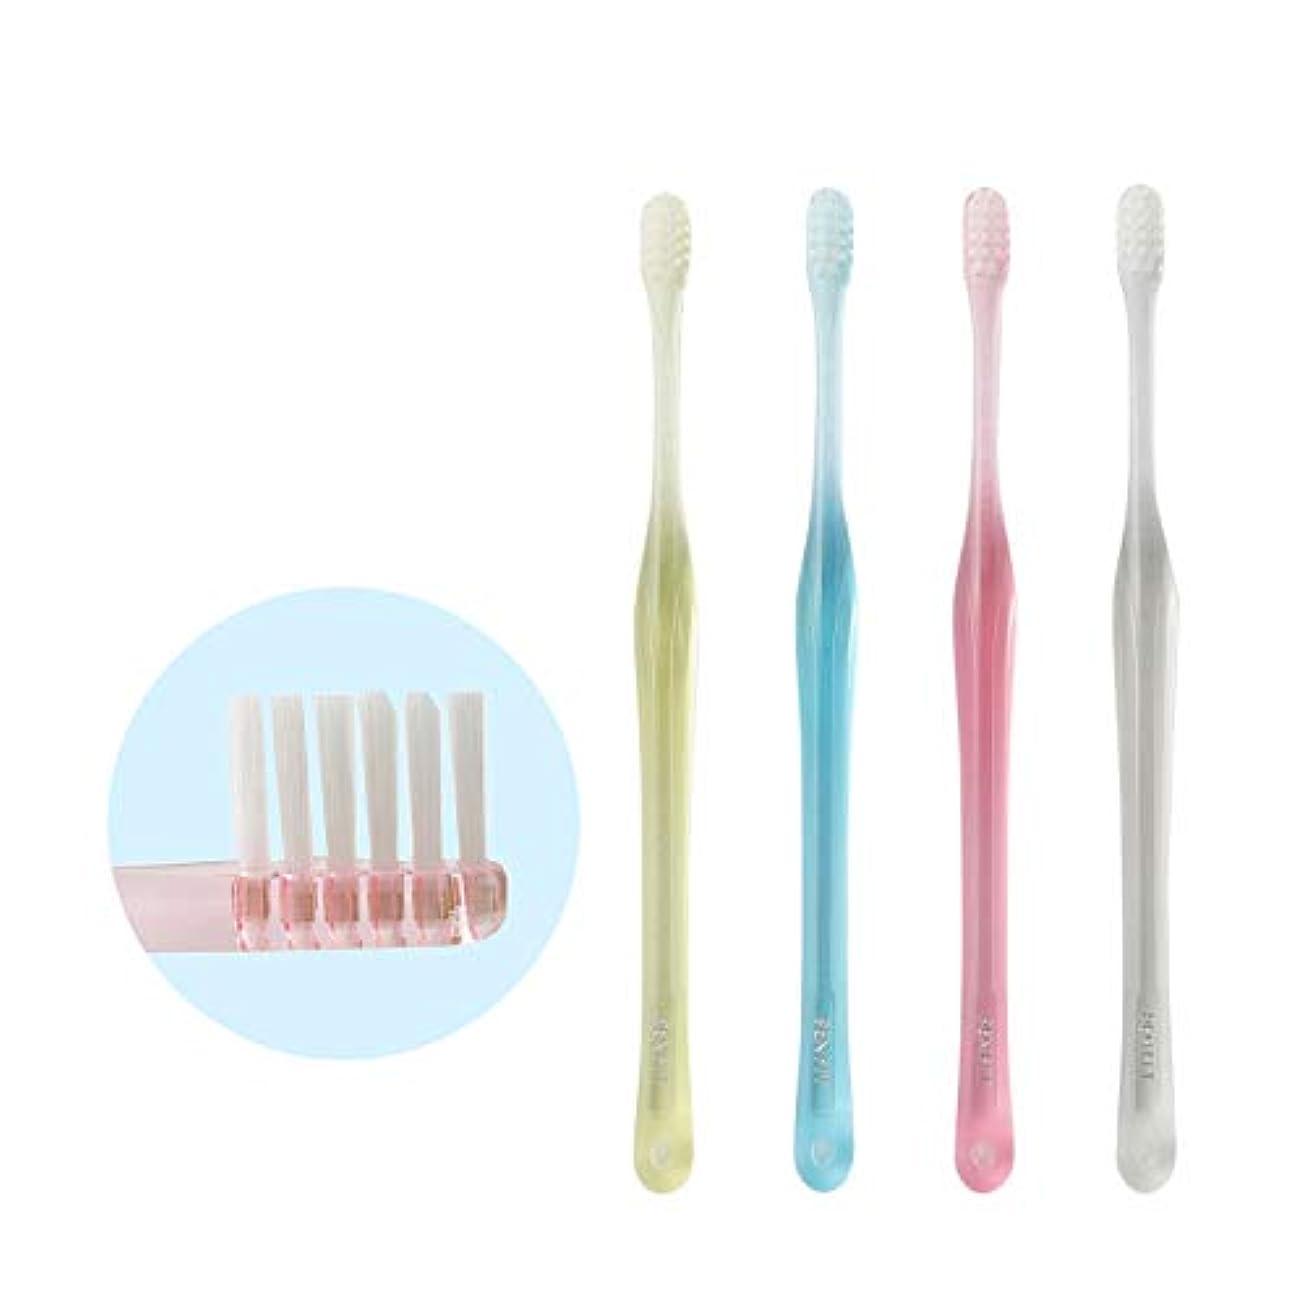 講堂巻き取り上げるオーラルケア ペンフィット (PENFIT) 歯ブラシ × 6本